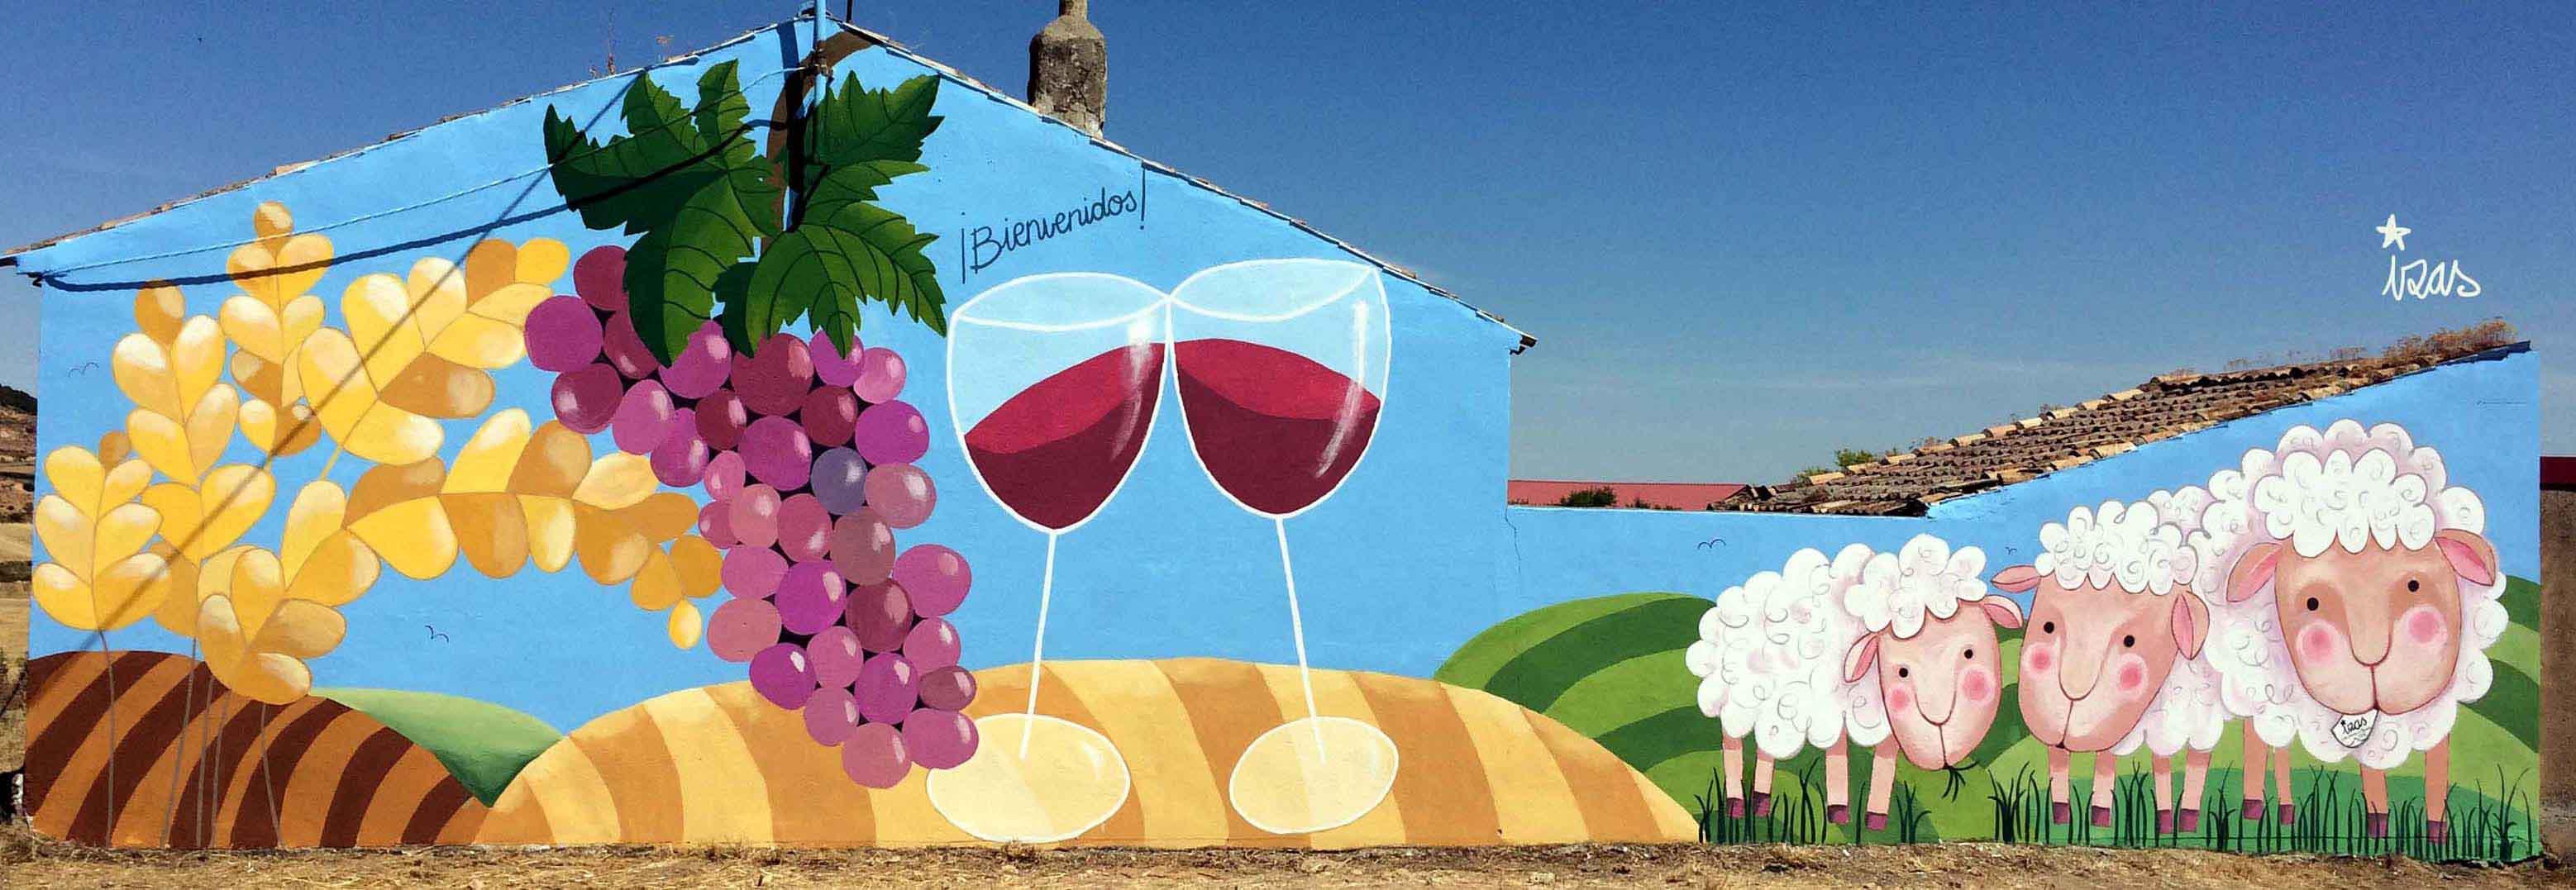 mural izas mambry 8